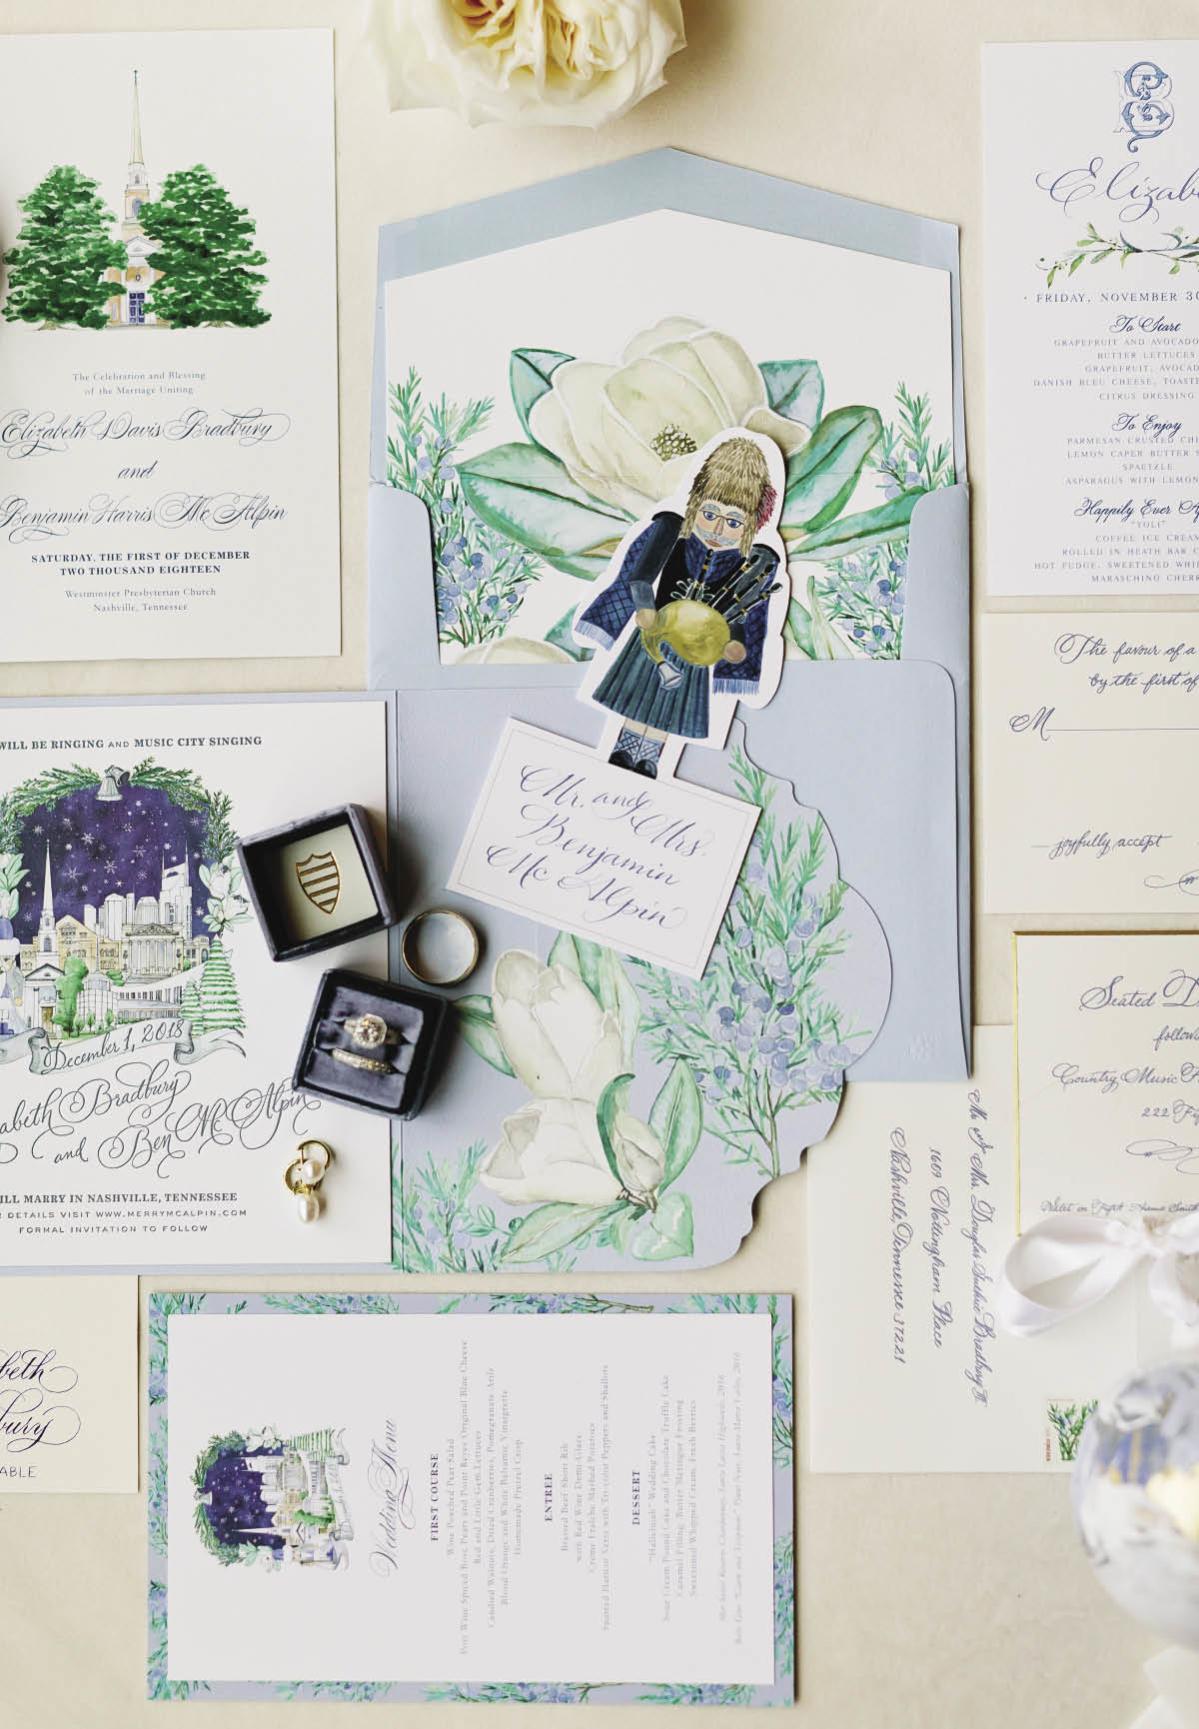 Bridal 2020: Walking in a Wedding Wonderland